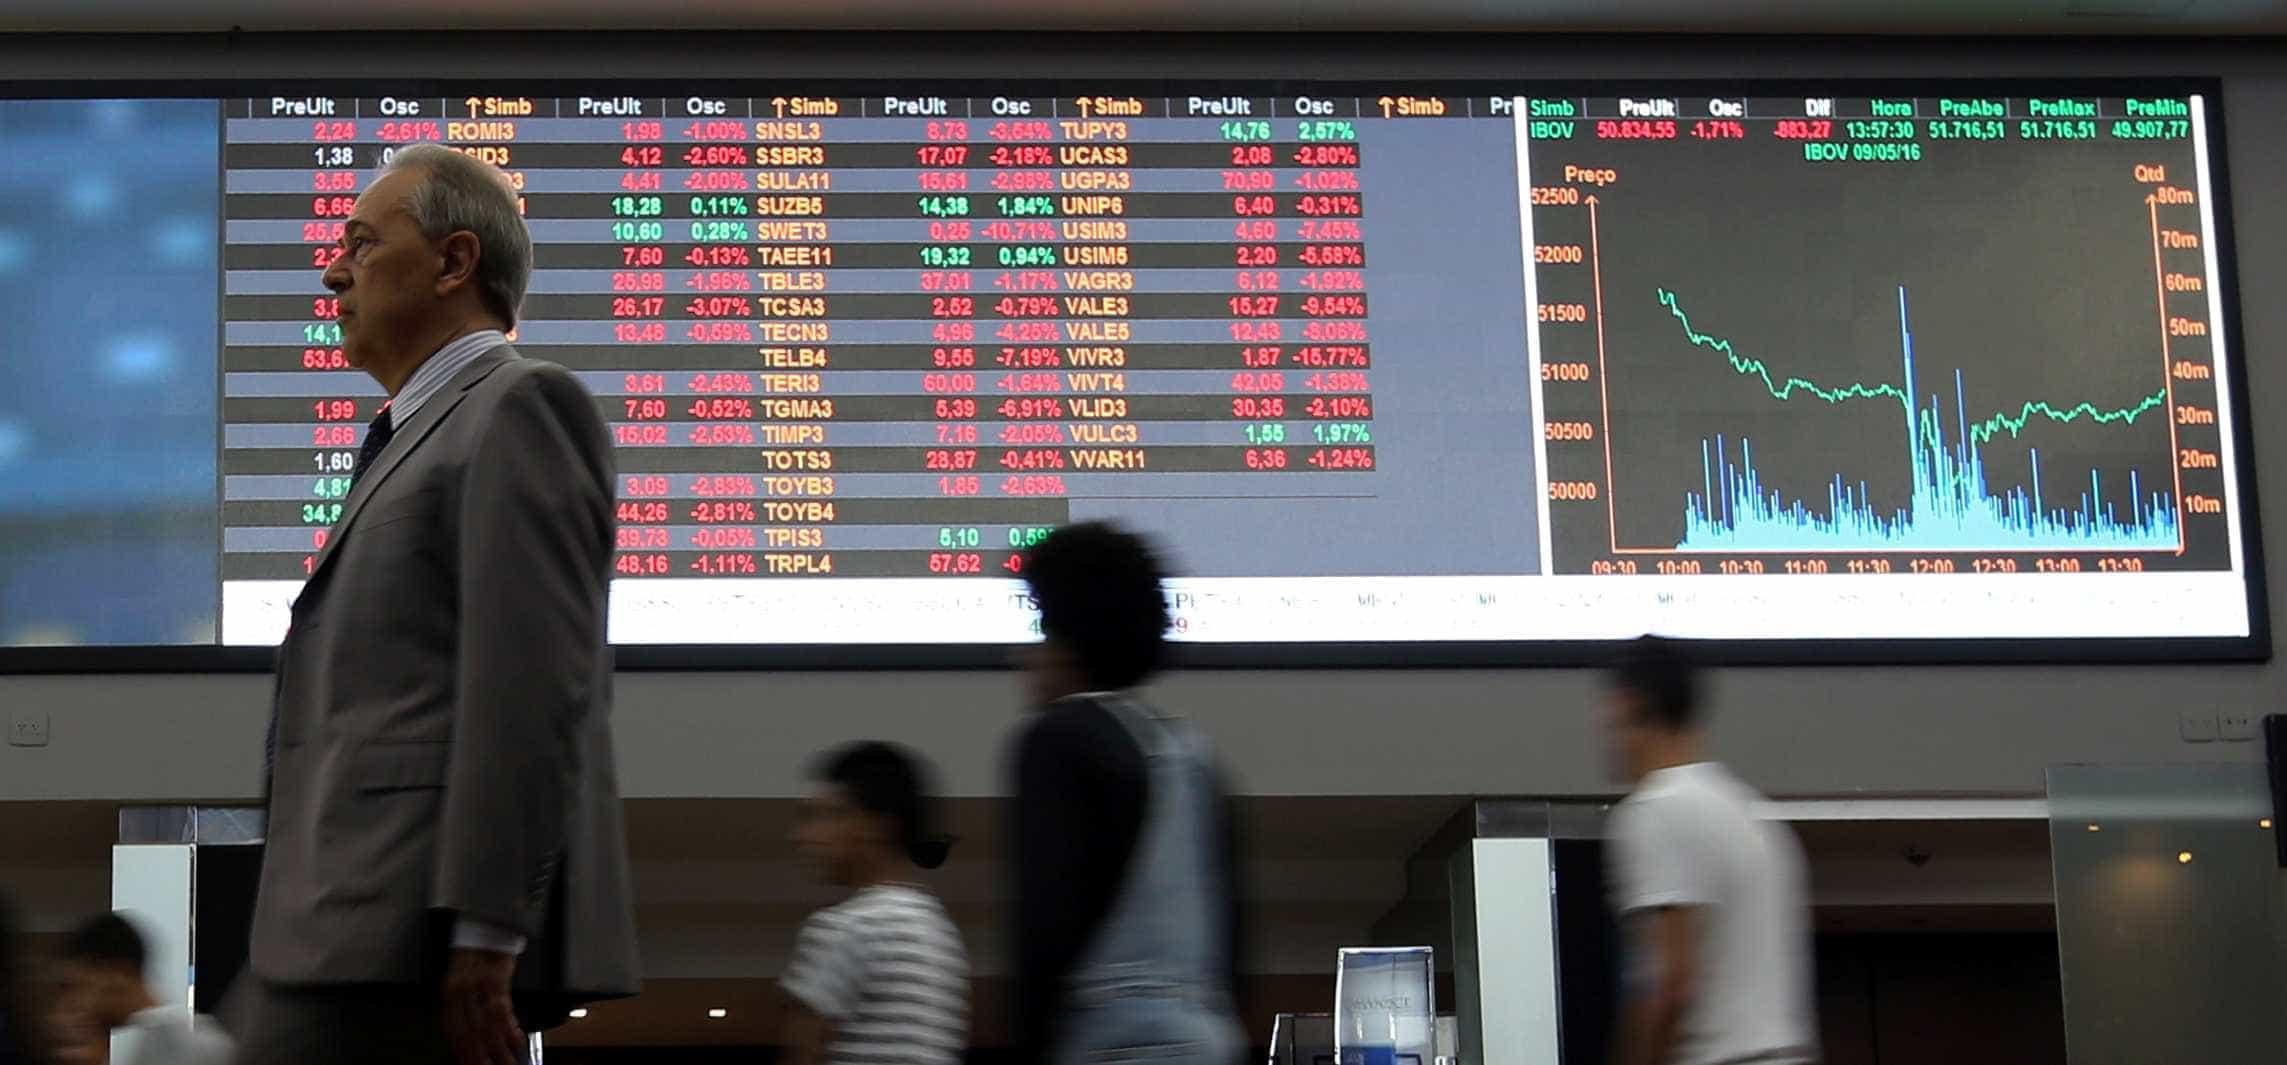 Apesar da volatilidade, valor das ações mantém Bolsa do país atrativa